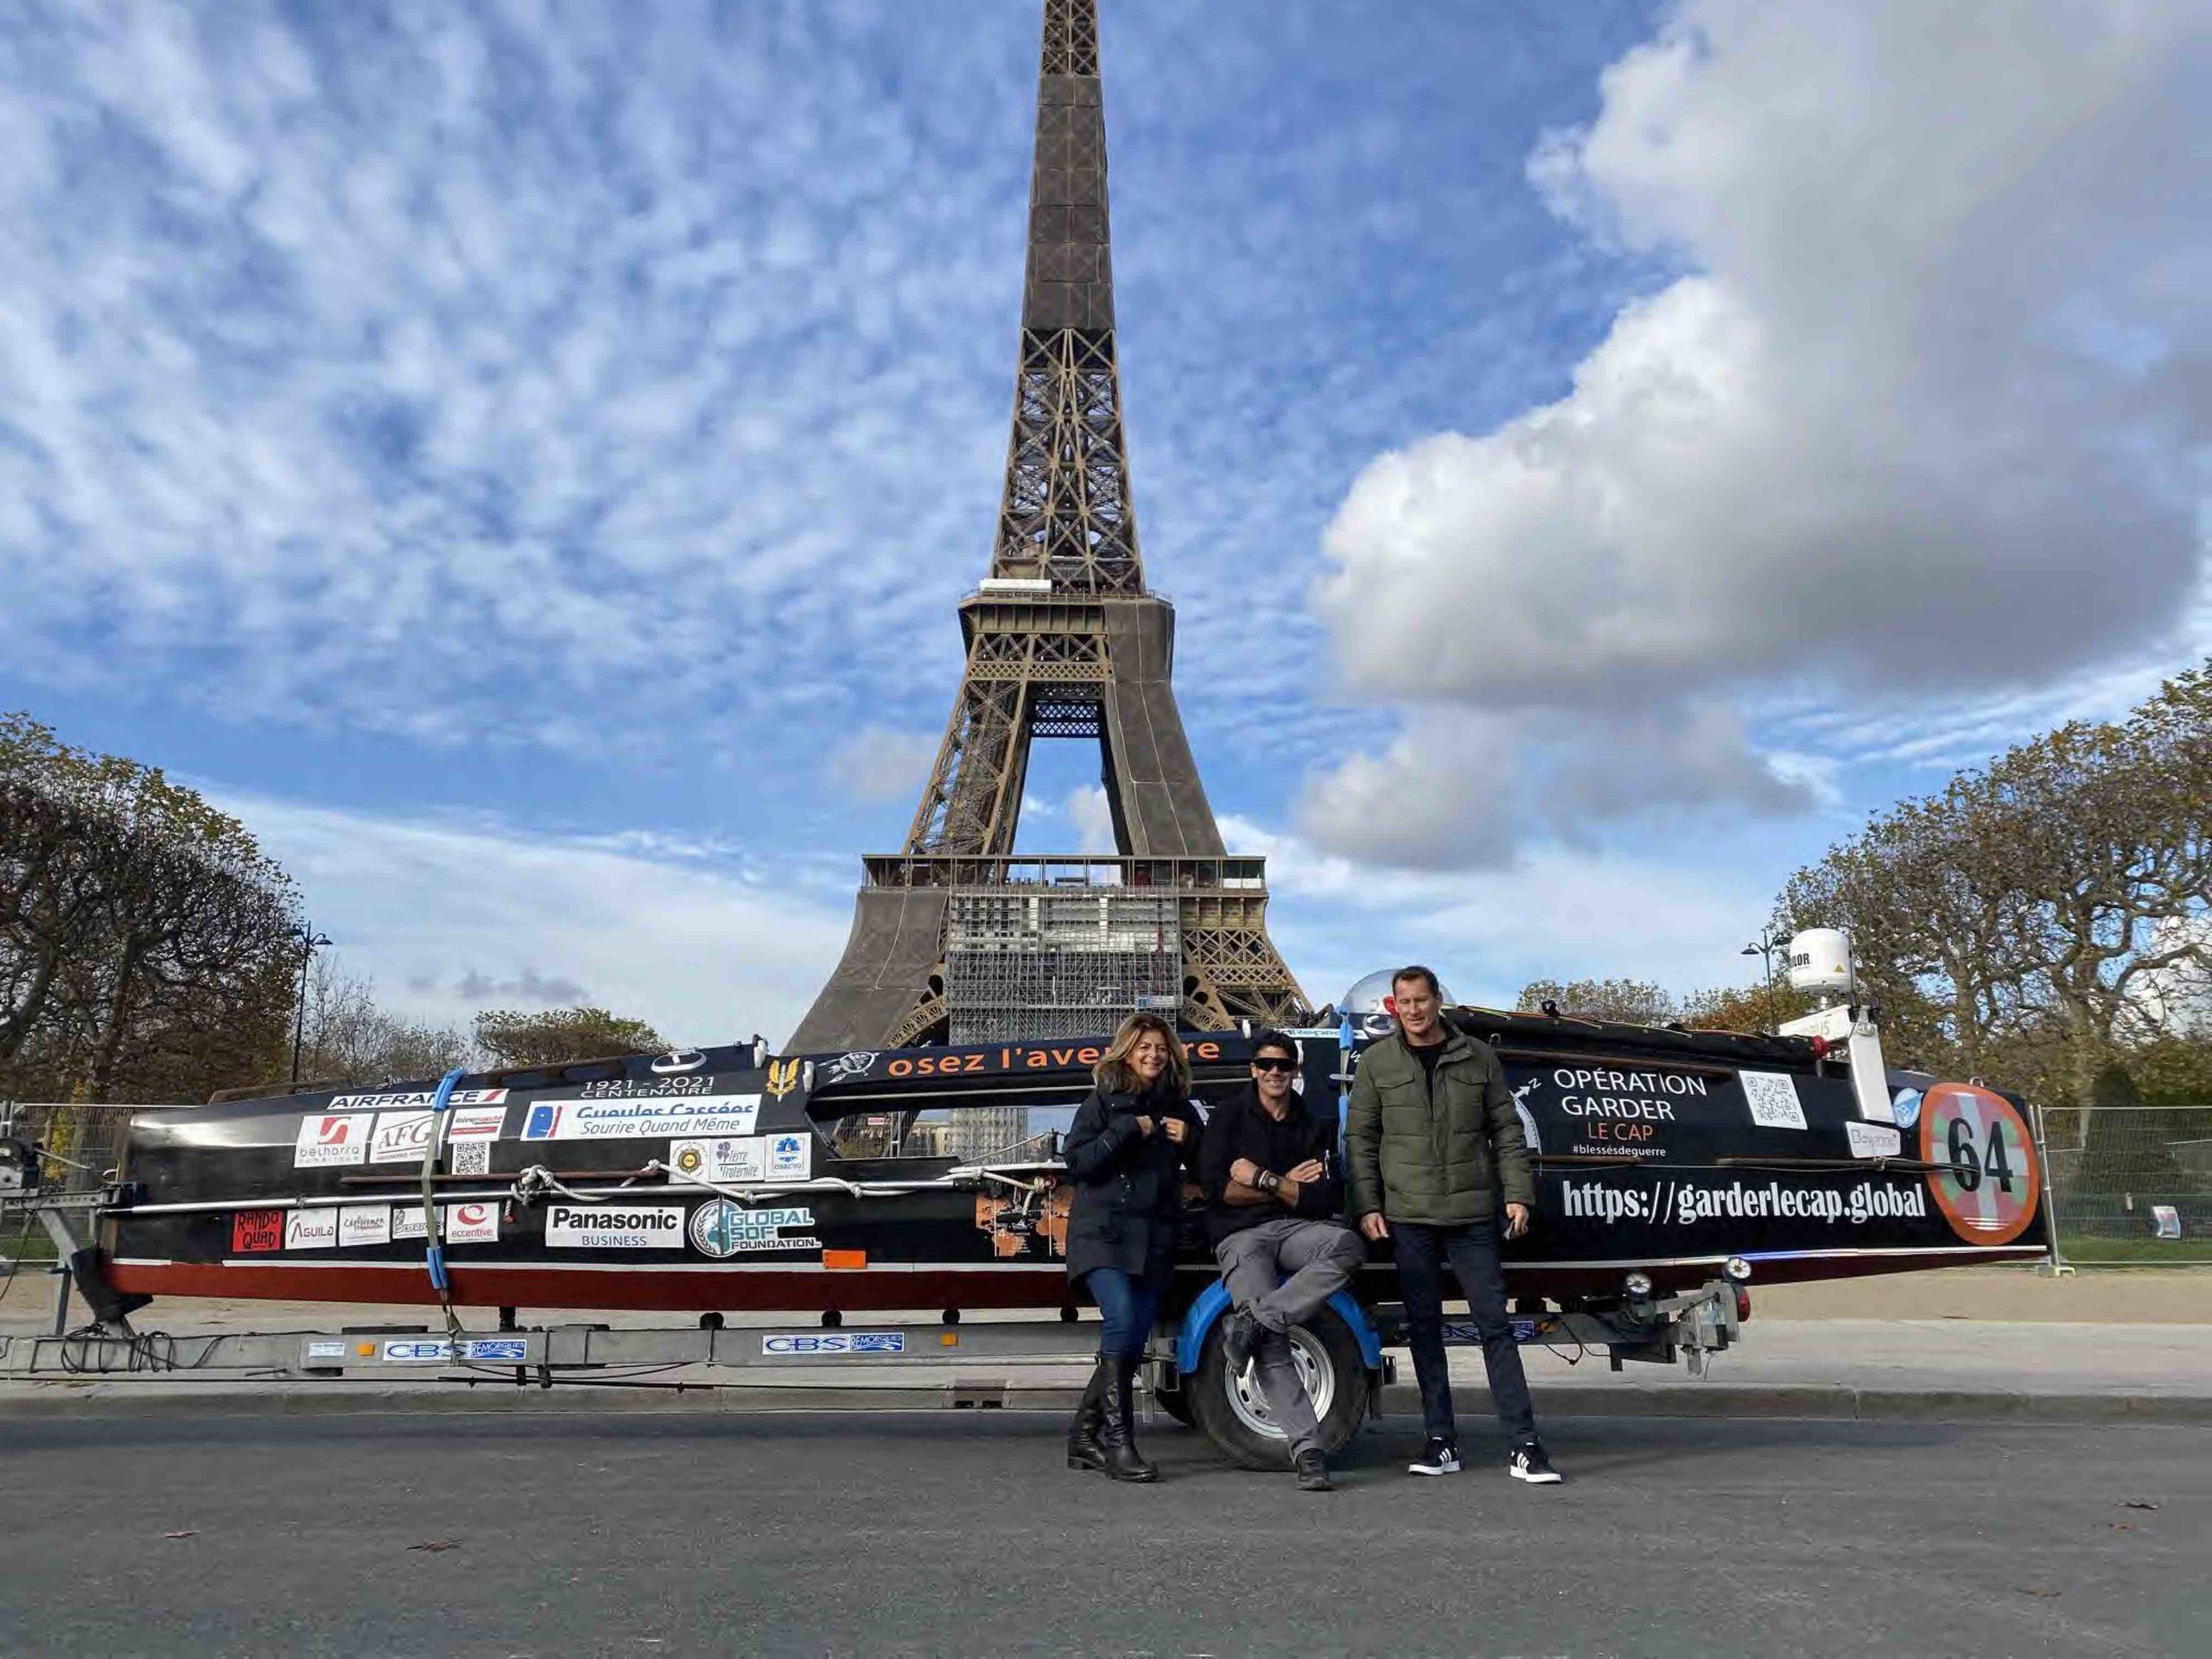 Opération Garder Le Cap Paris 04